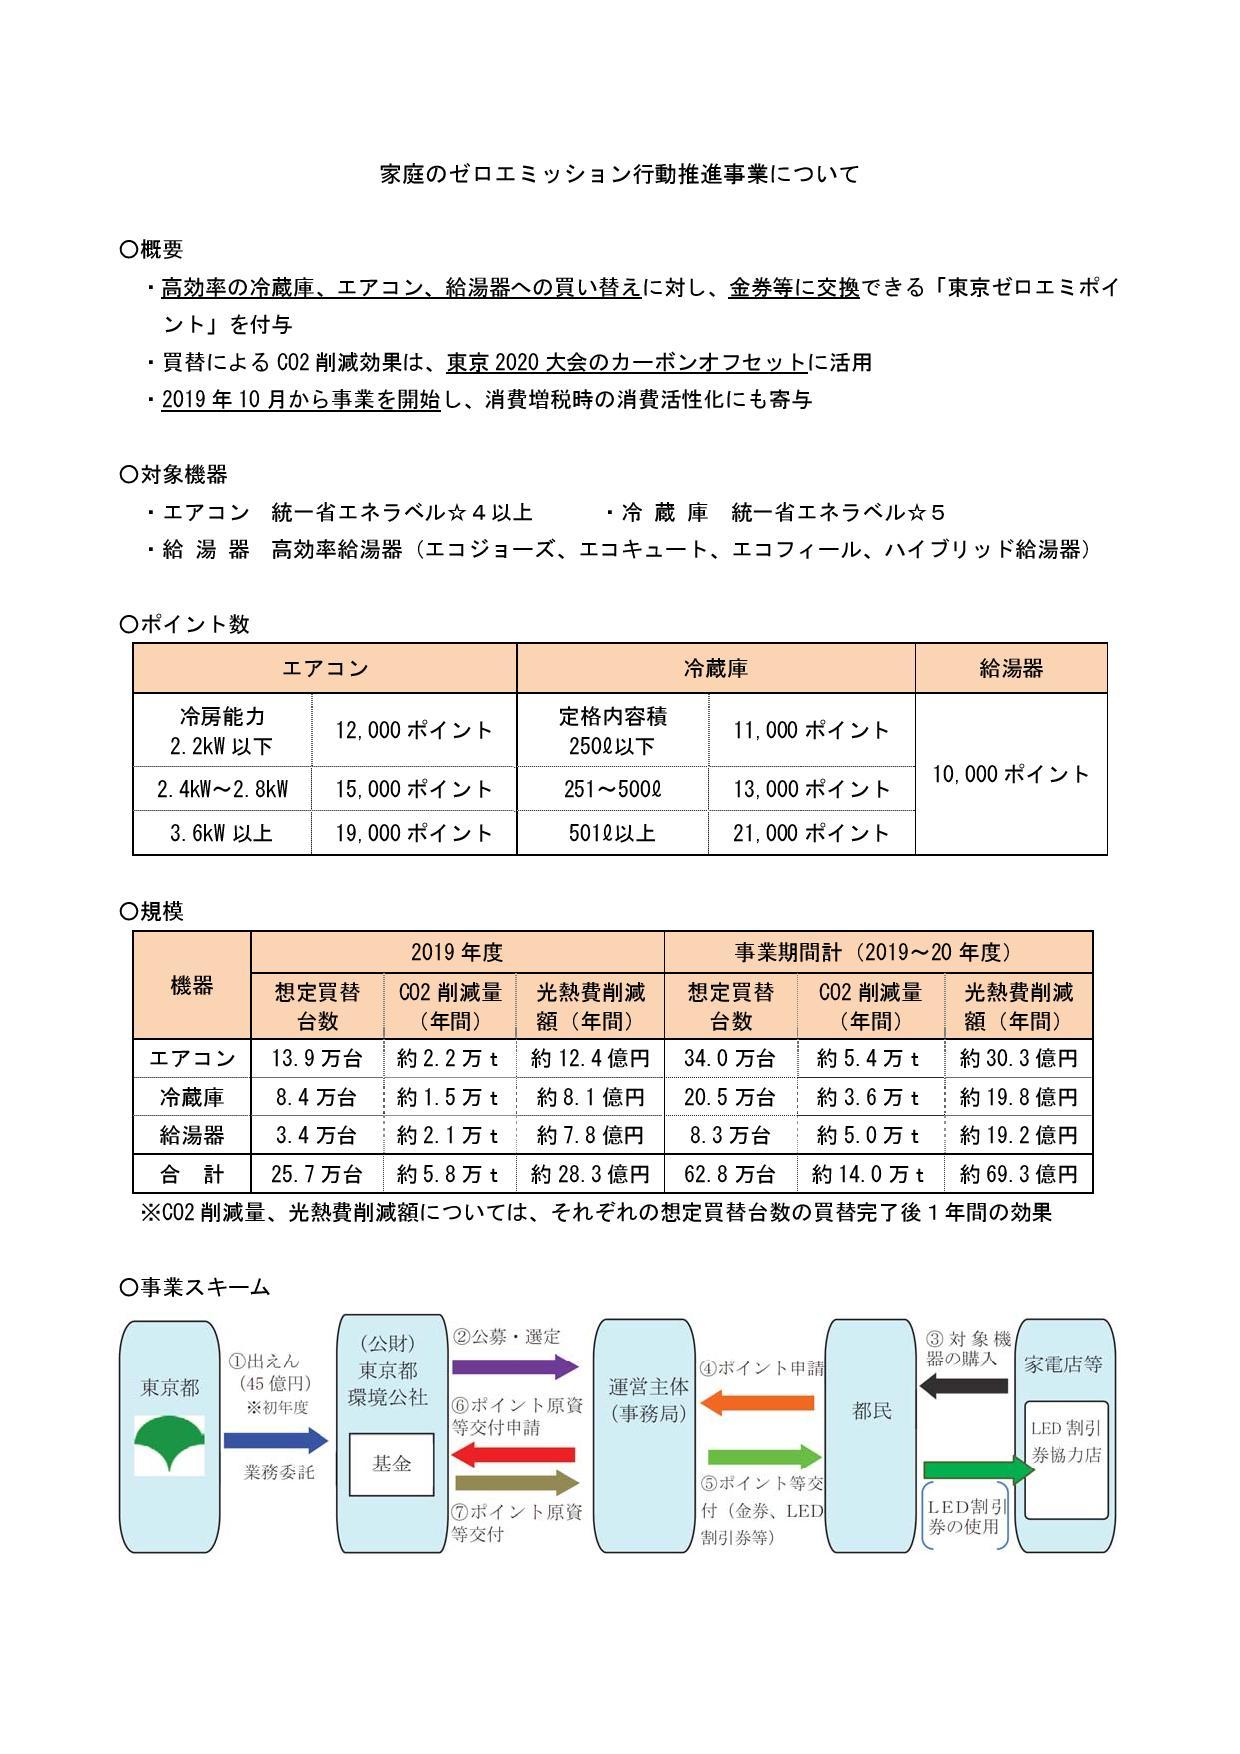 【東京都】家庭のゼロエミッション行動推進事業について